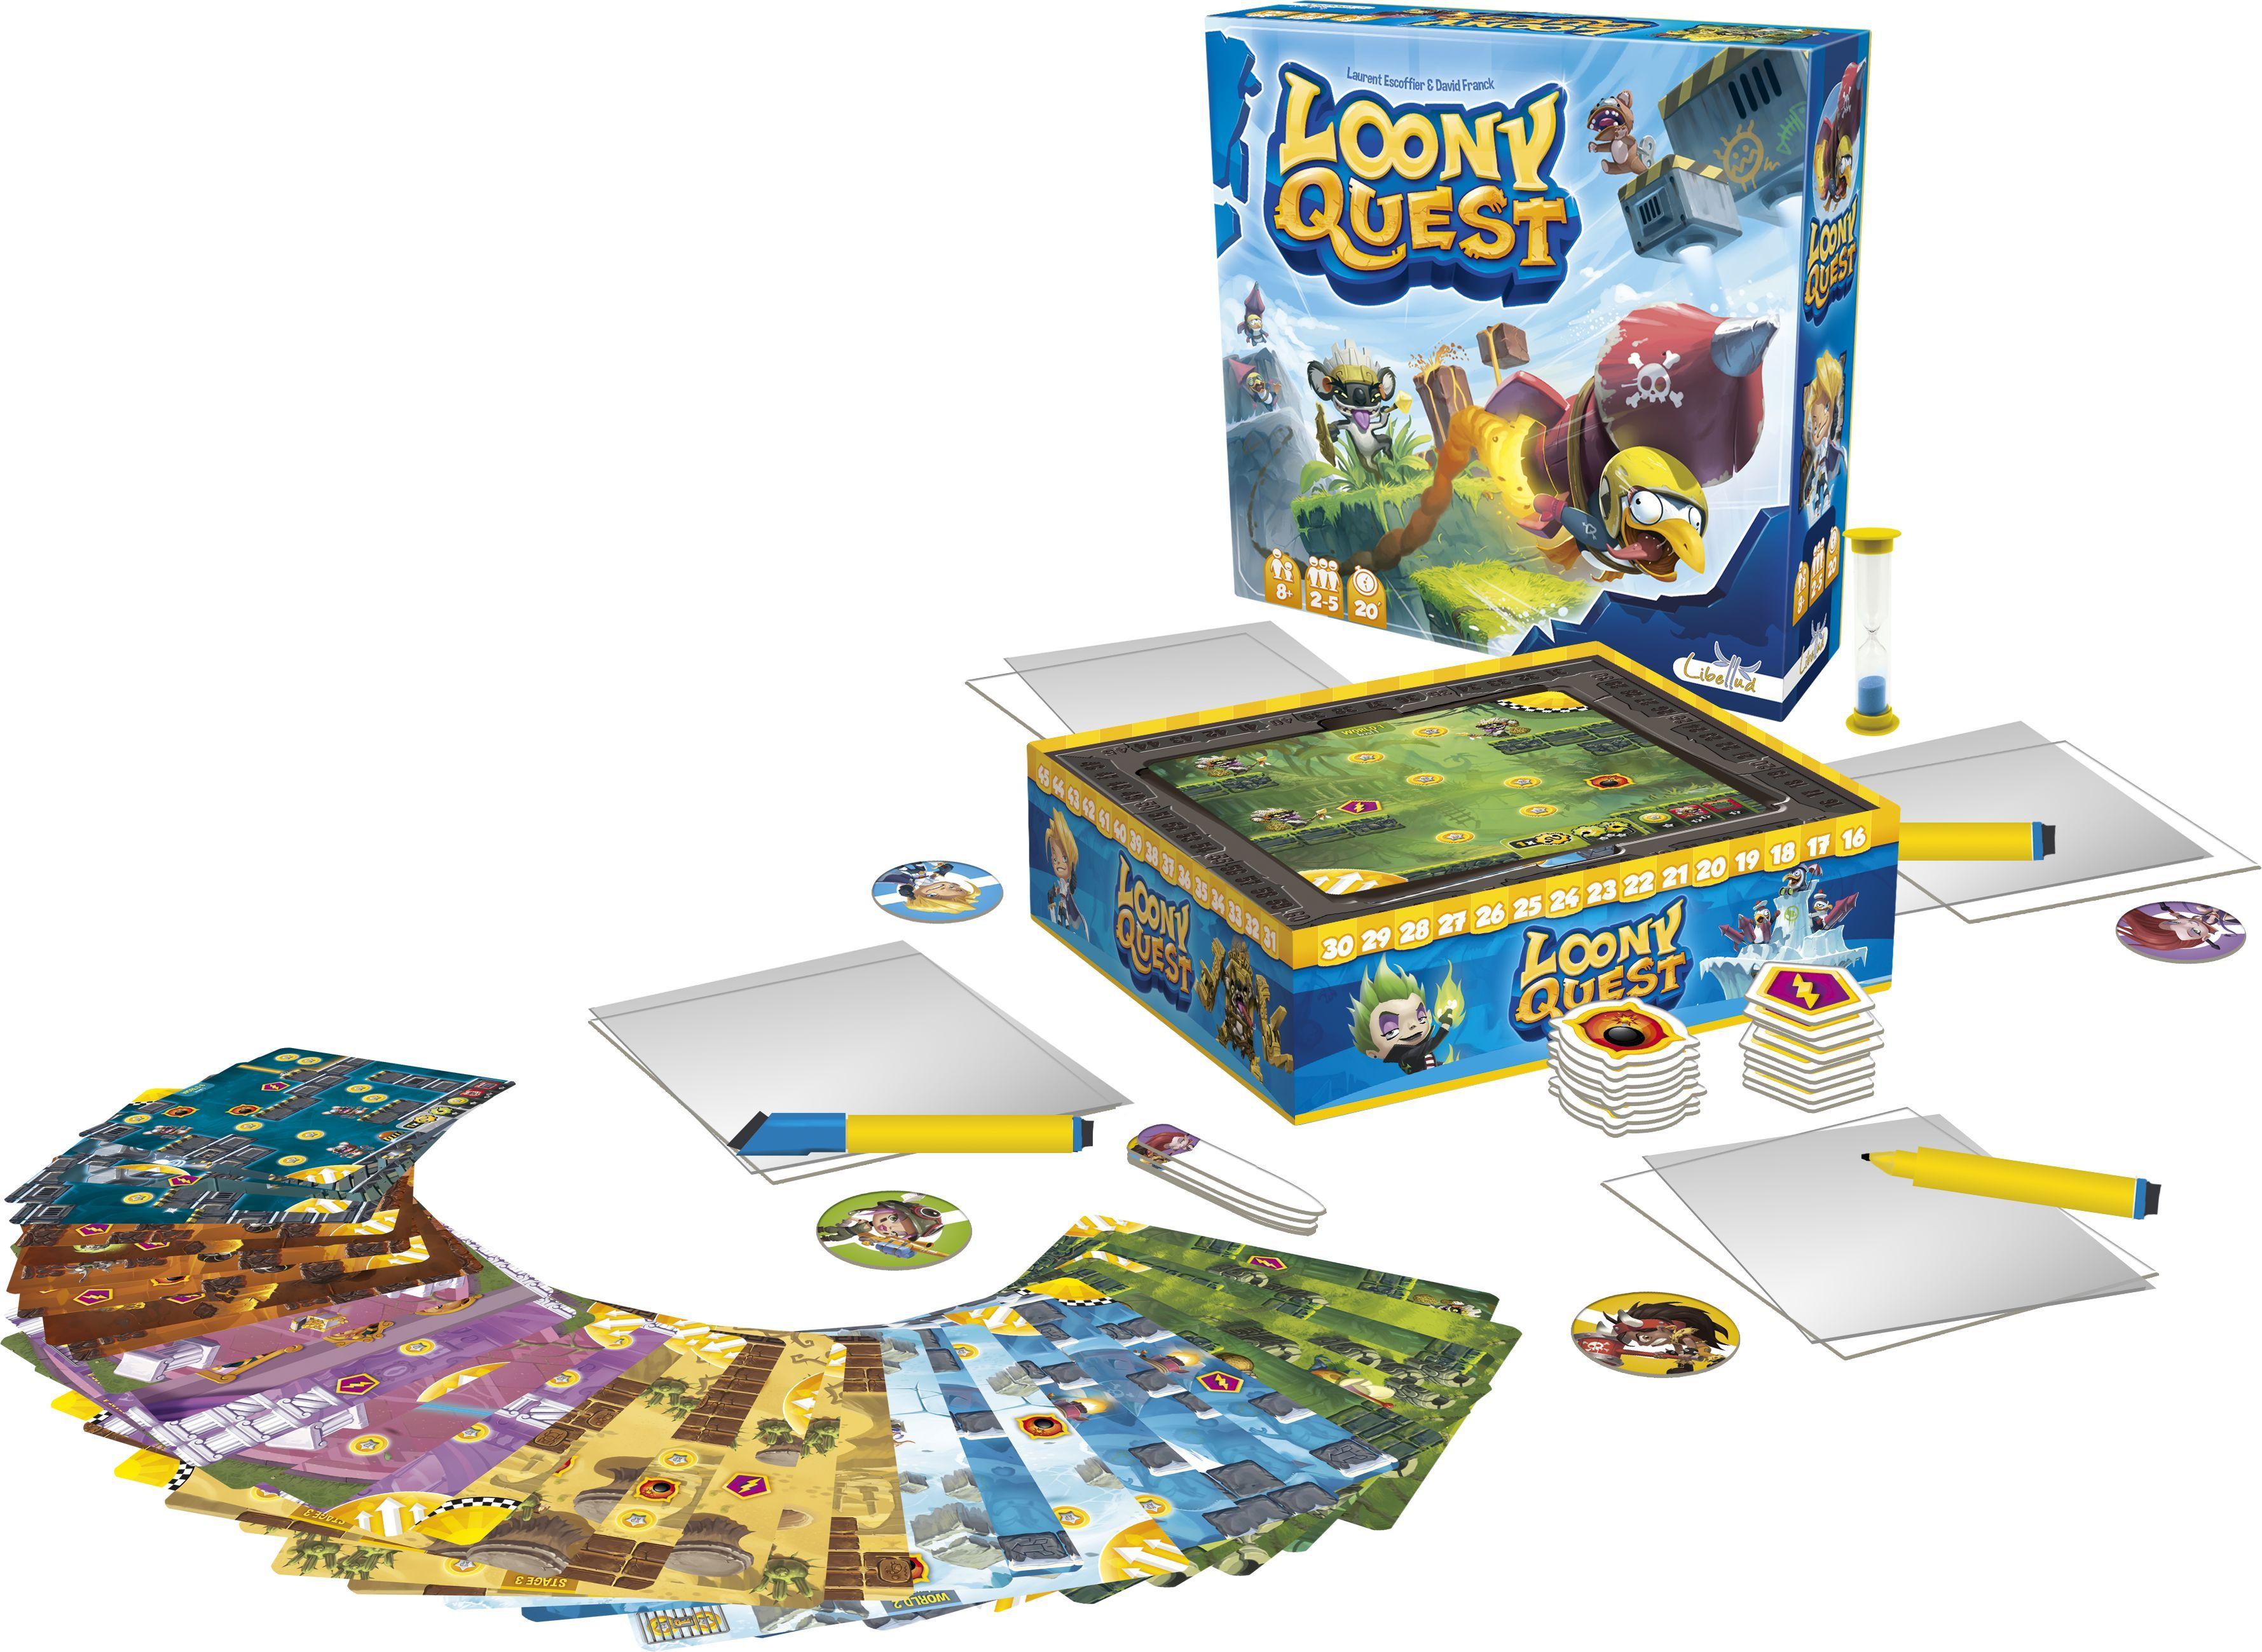 Парти настолна игра Loony Quest - 6